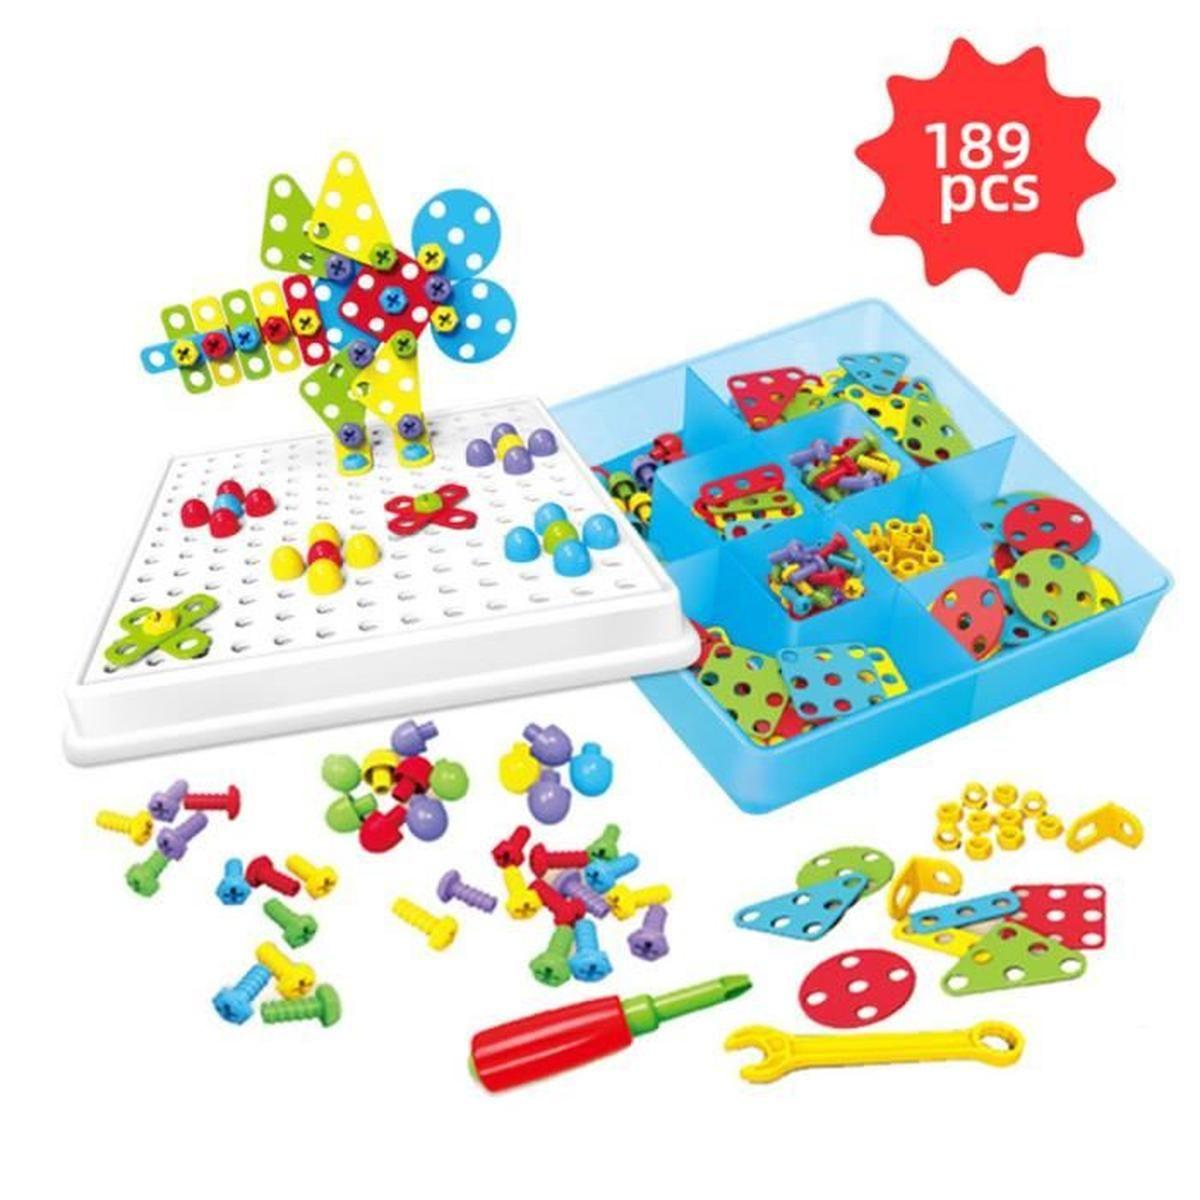 Tstr® Jeu De Construction 3D Puzzle Vis Ecrou Jouet Mosaïque à Jeux Enfant Educatif